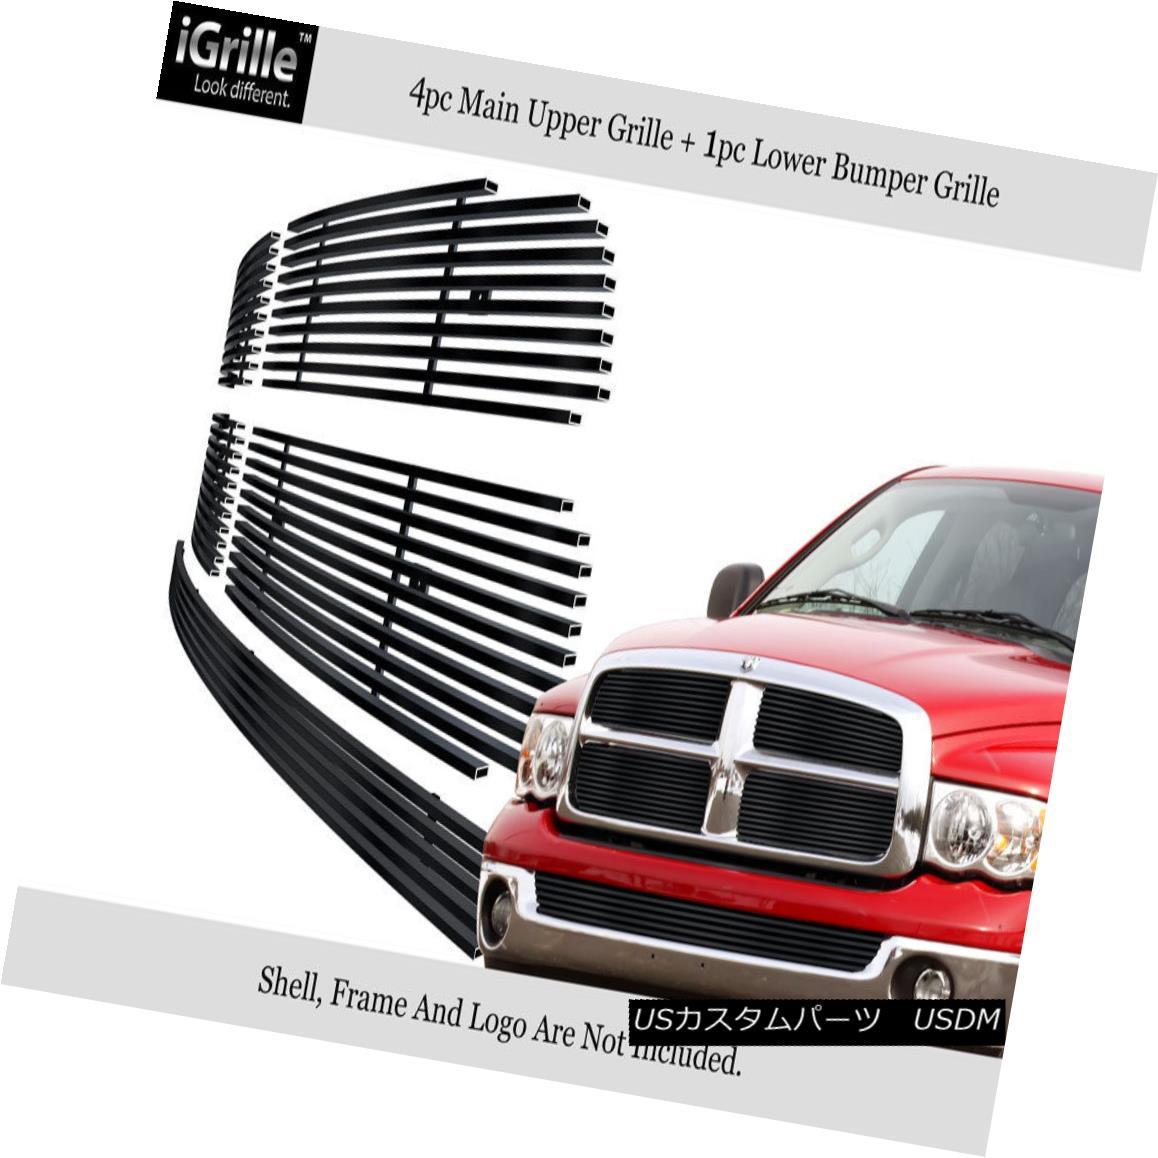 グリル Fits 2002-2005 Dodge Ram Stainless Steel Black Billet Grille Combo フィット2002-2005ダッジラムステンレススチールブラックビレットグリルコンボ